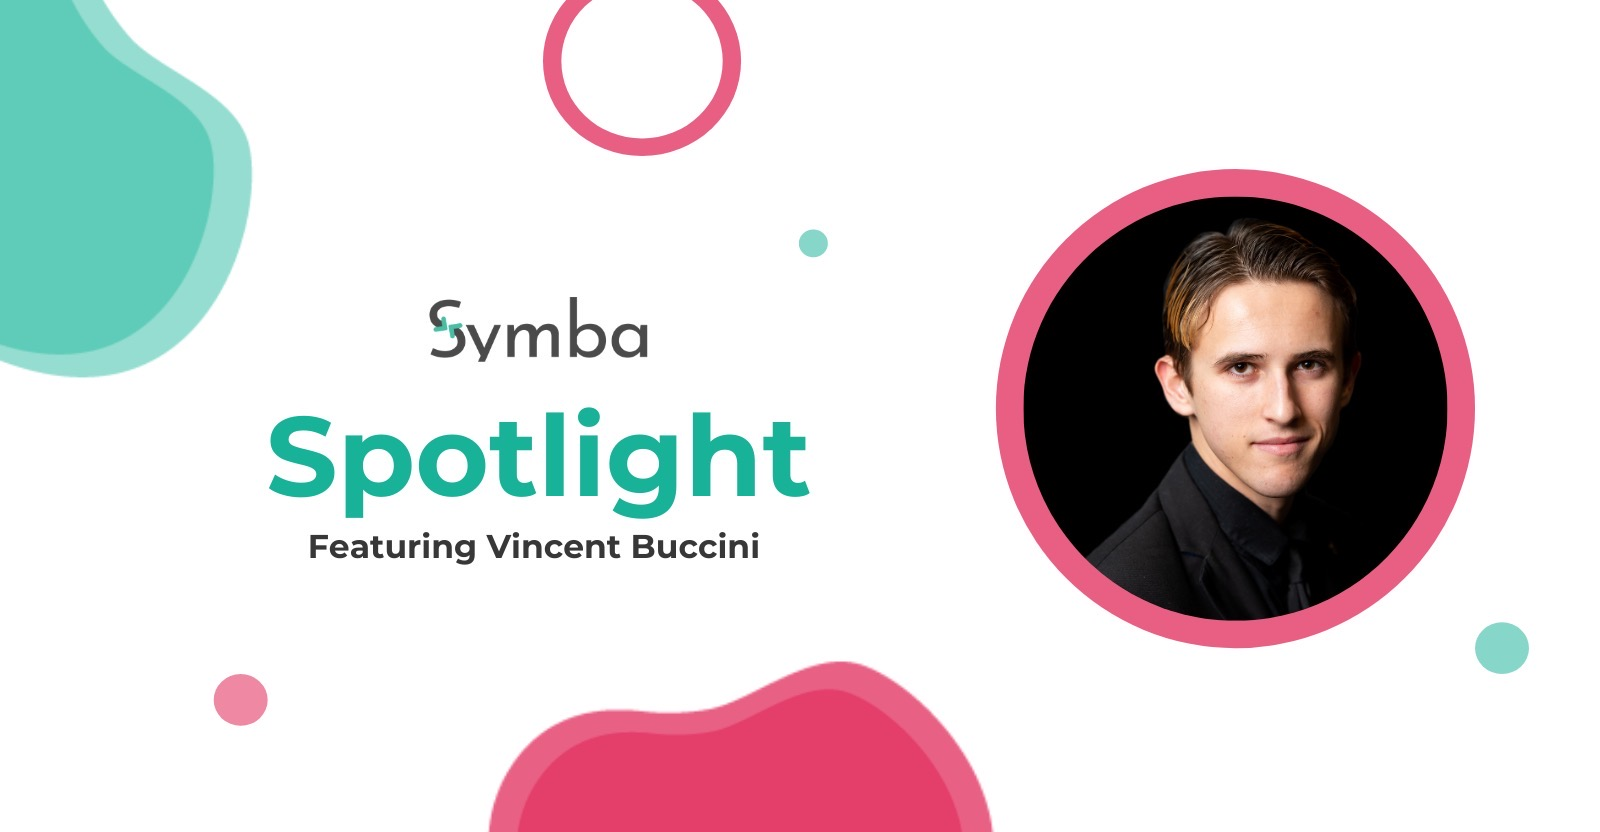 Vincent Buccini